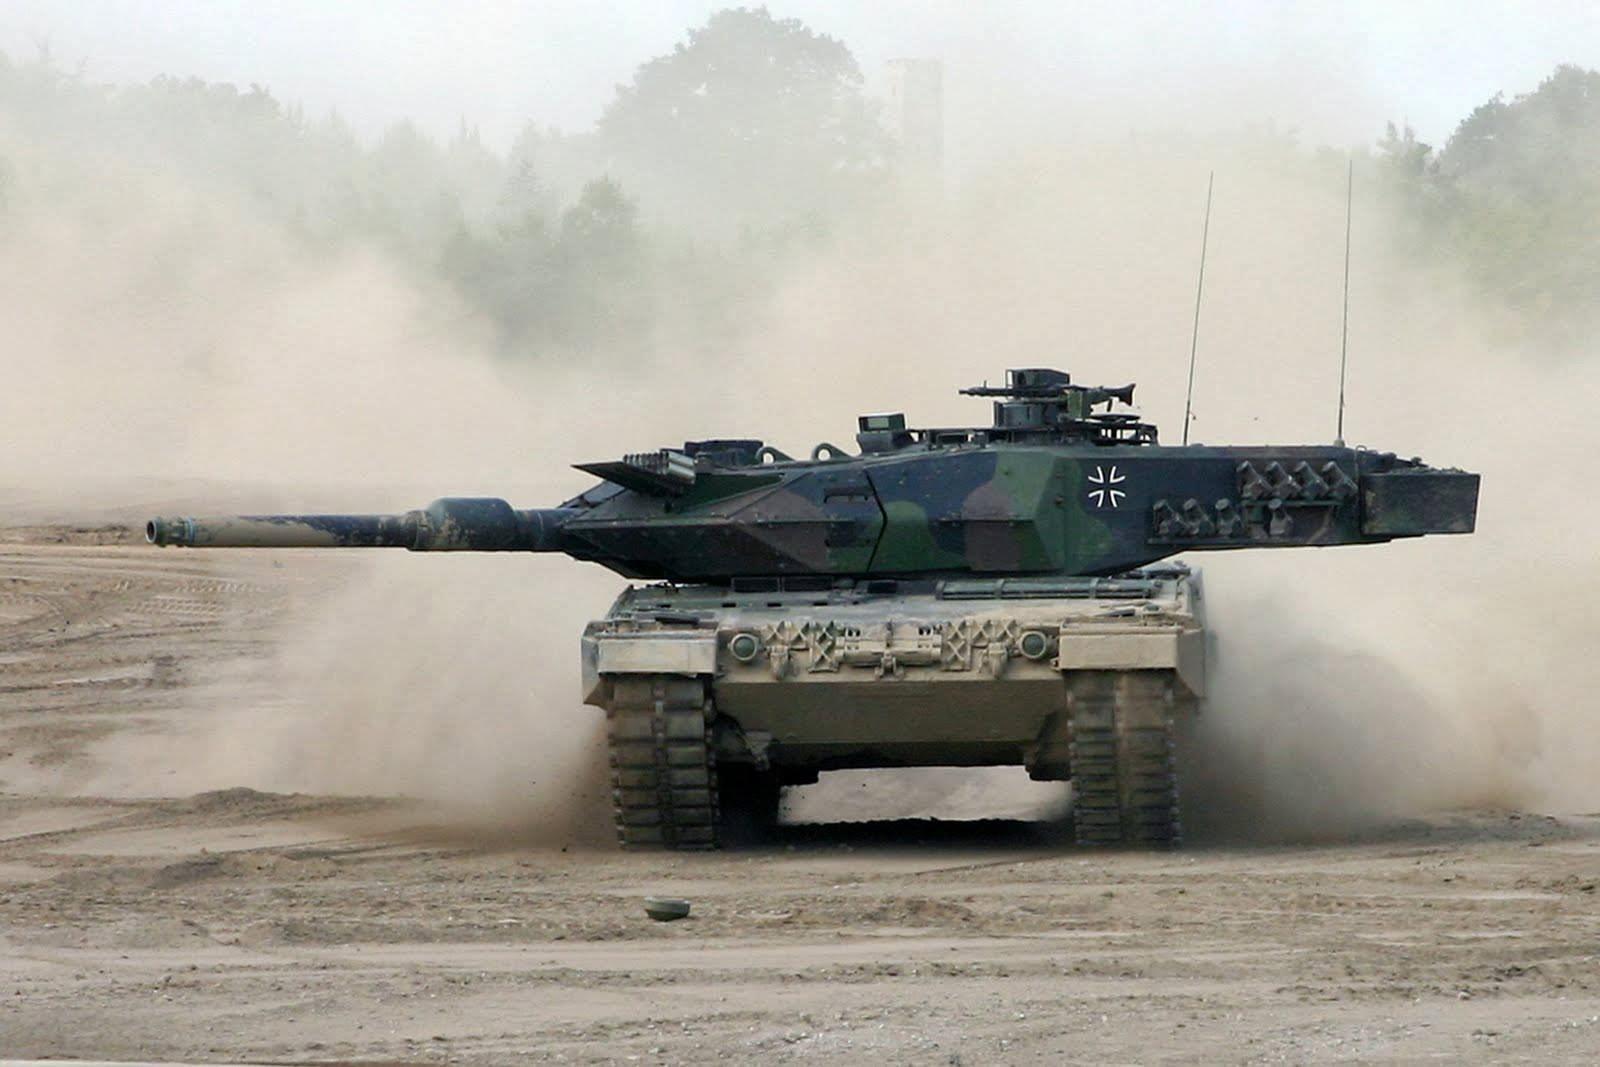 Modern Army: Leopard 2